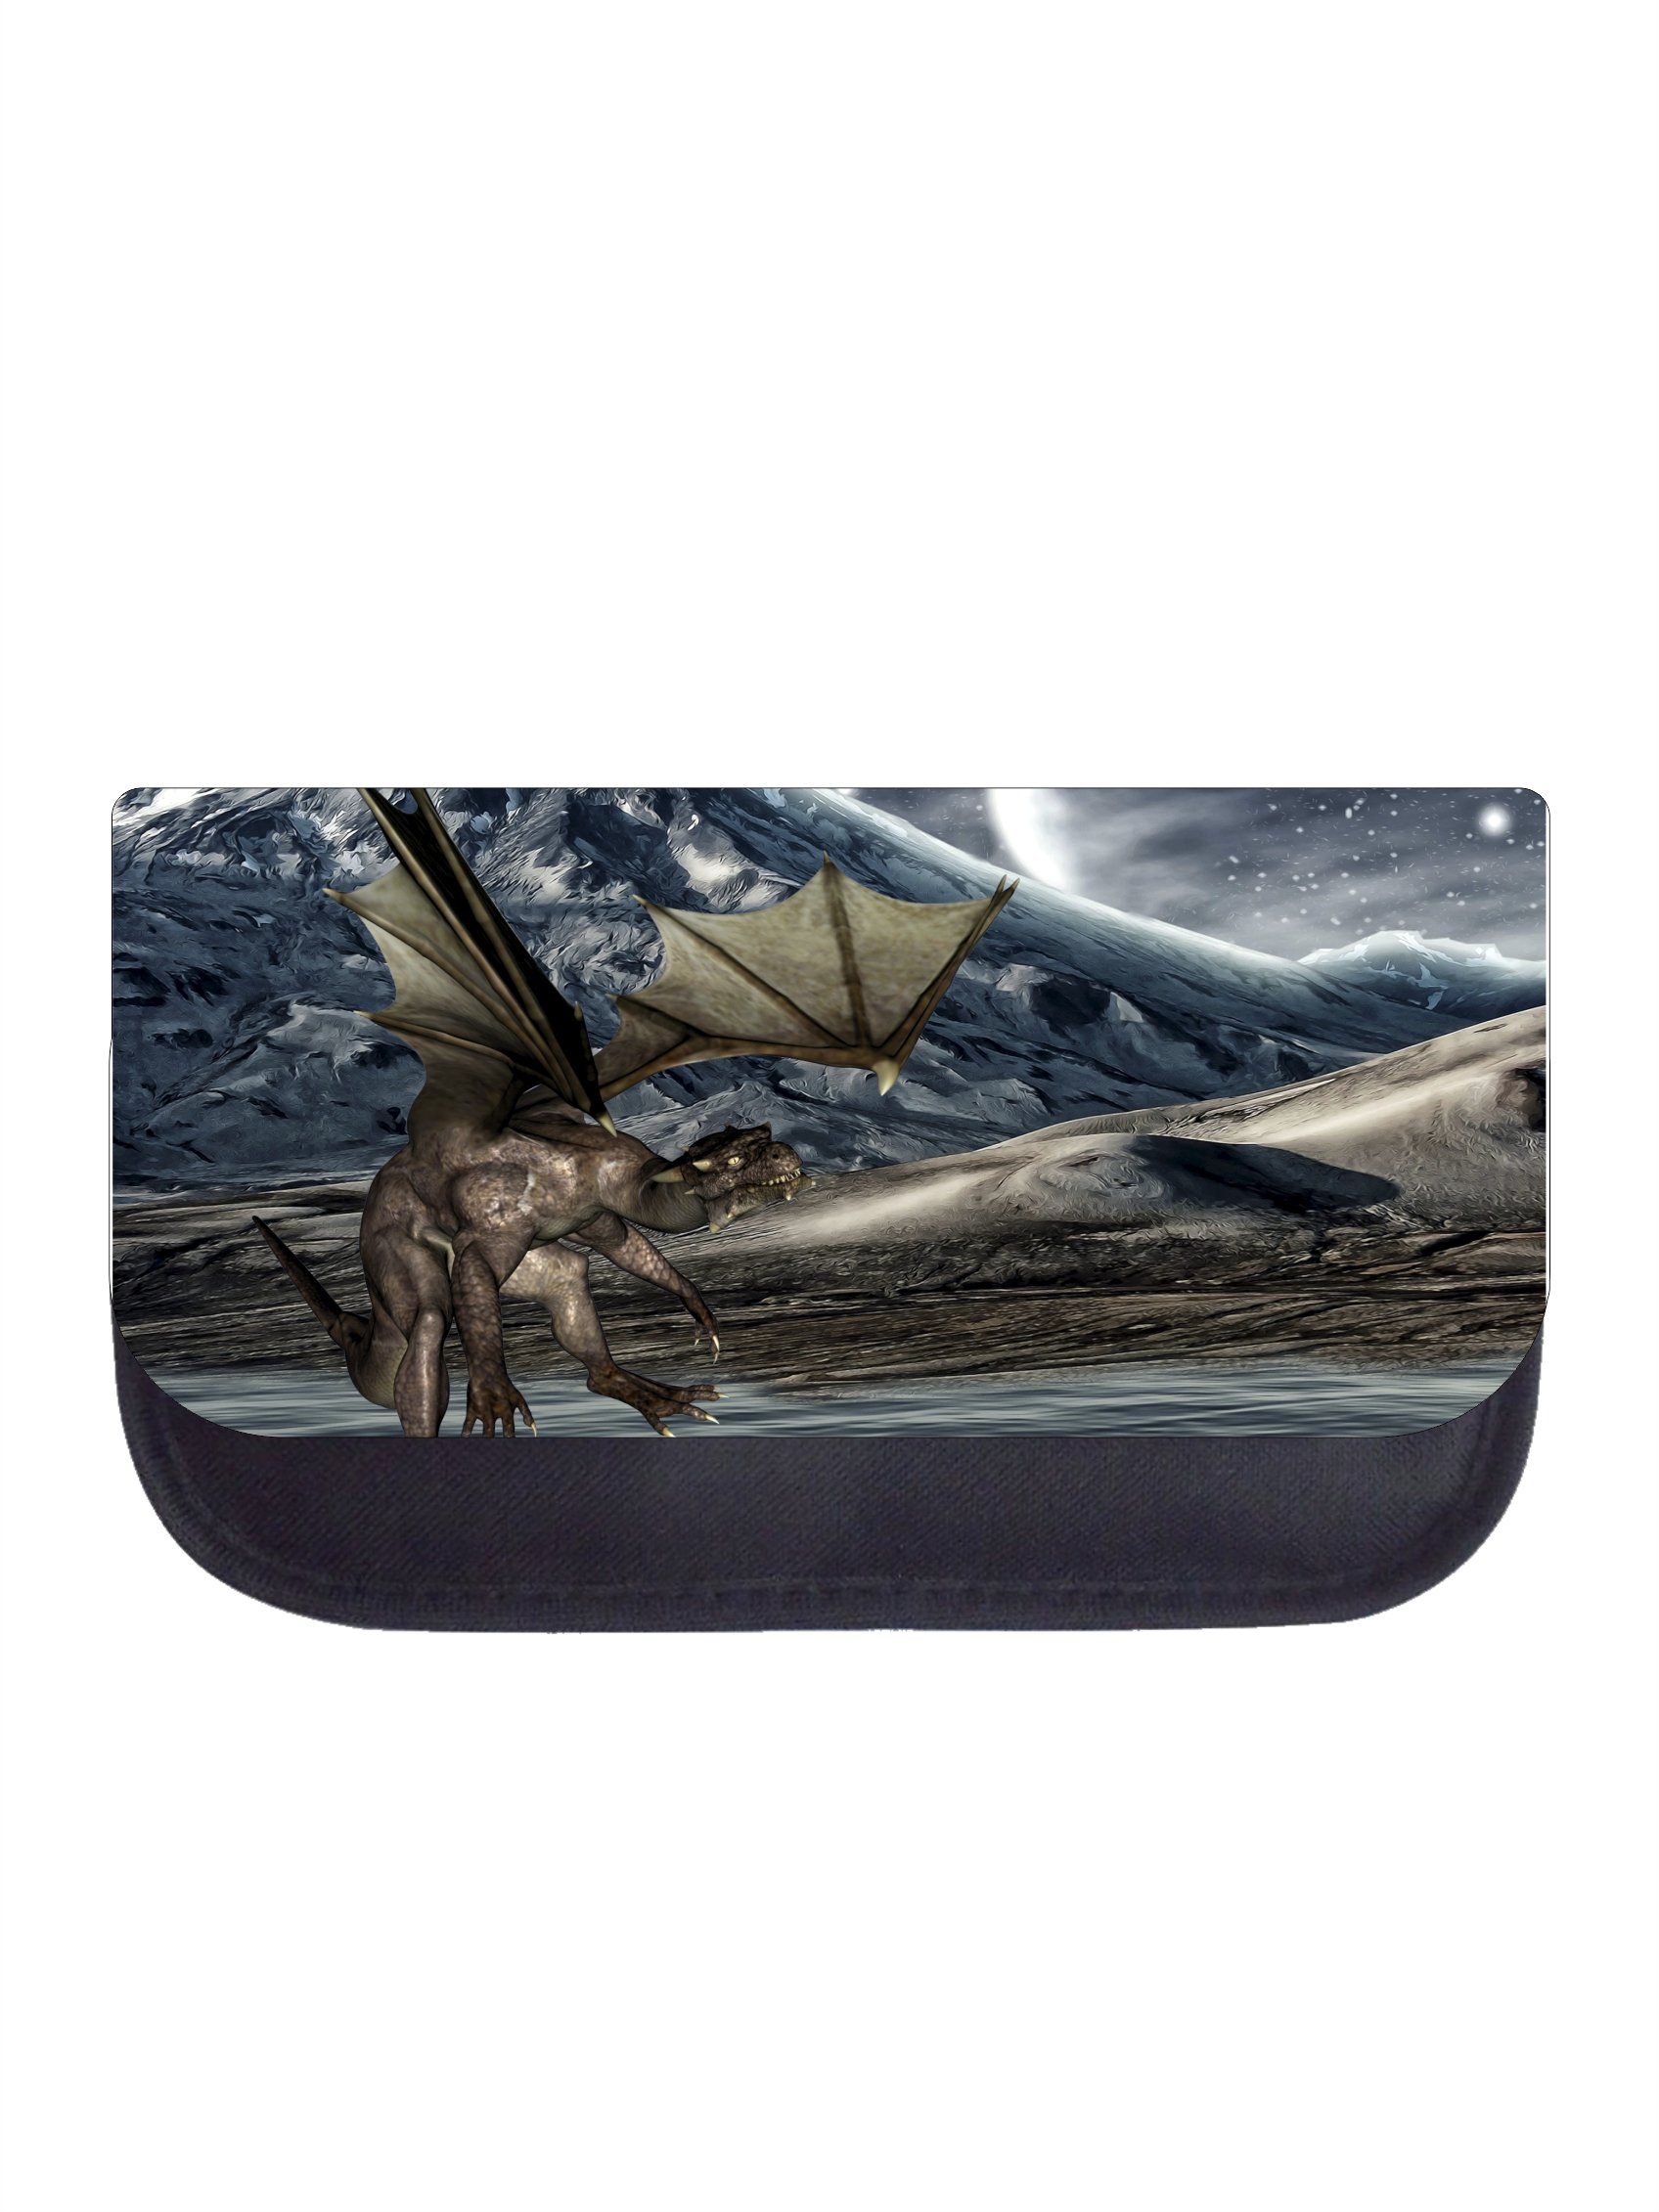 Dragon on a Mountaintop - Girls/Boys Black Pencil Case - Pencil Bag